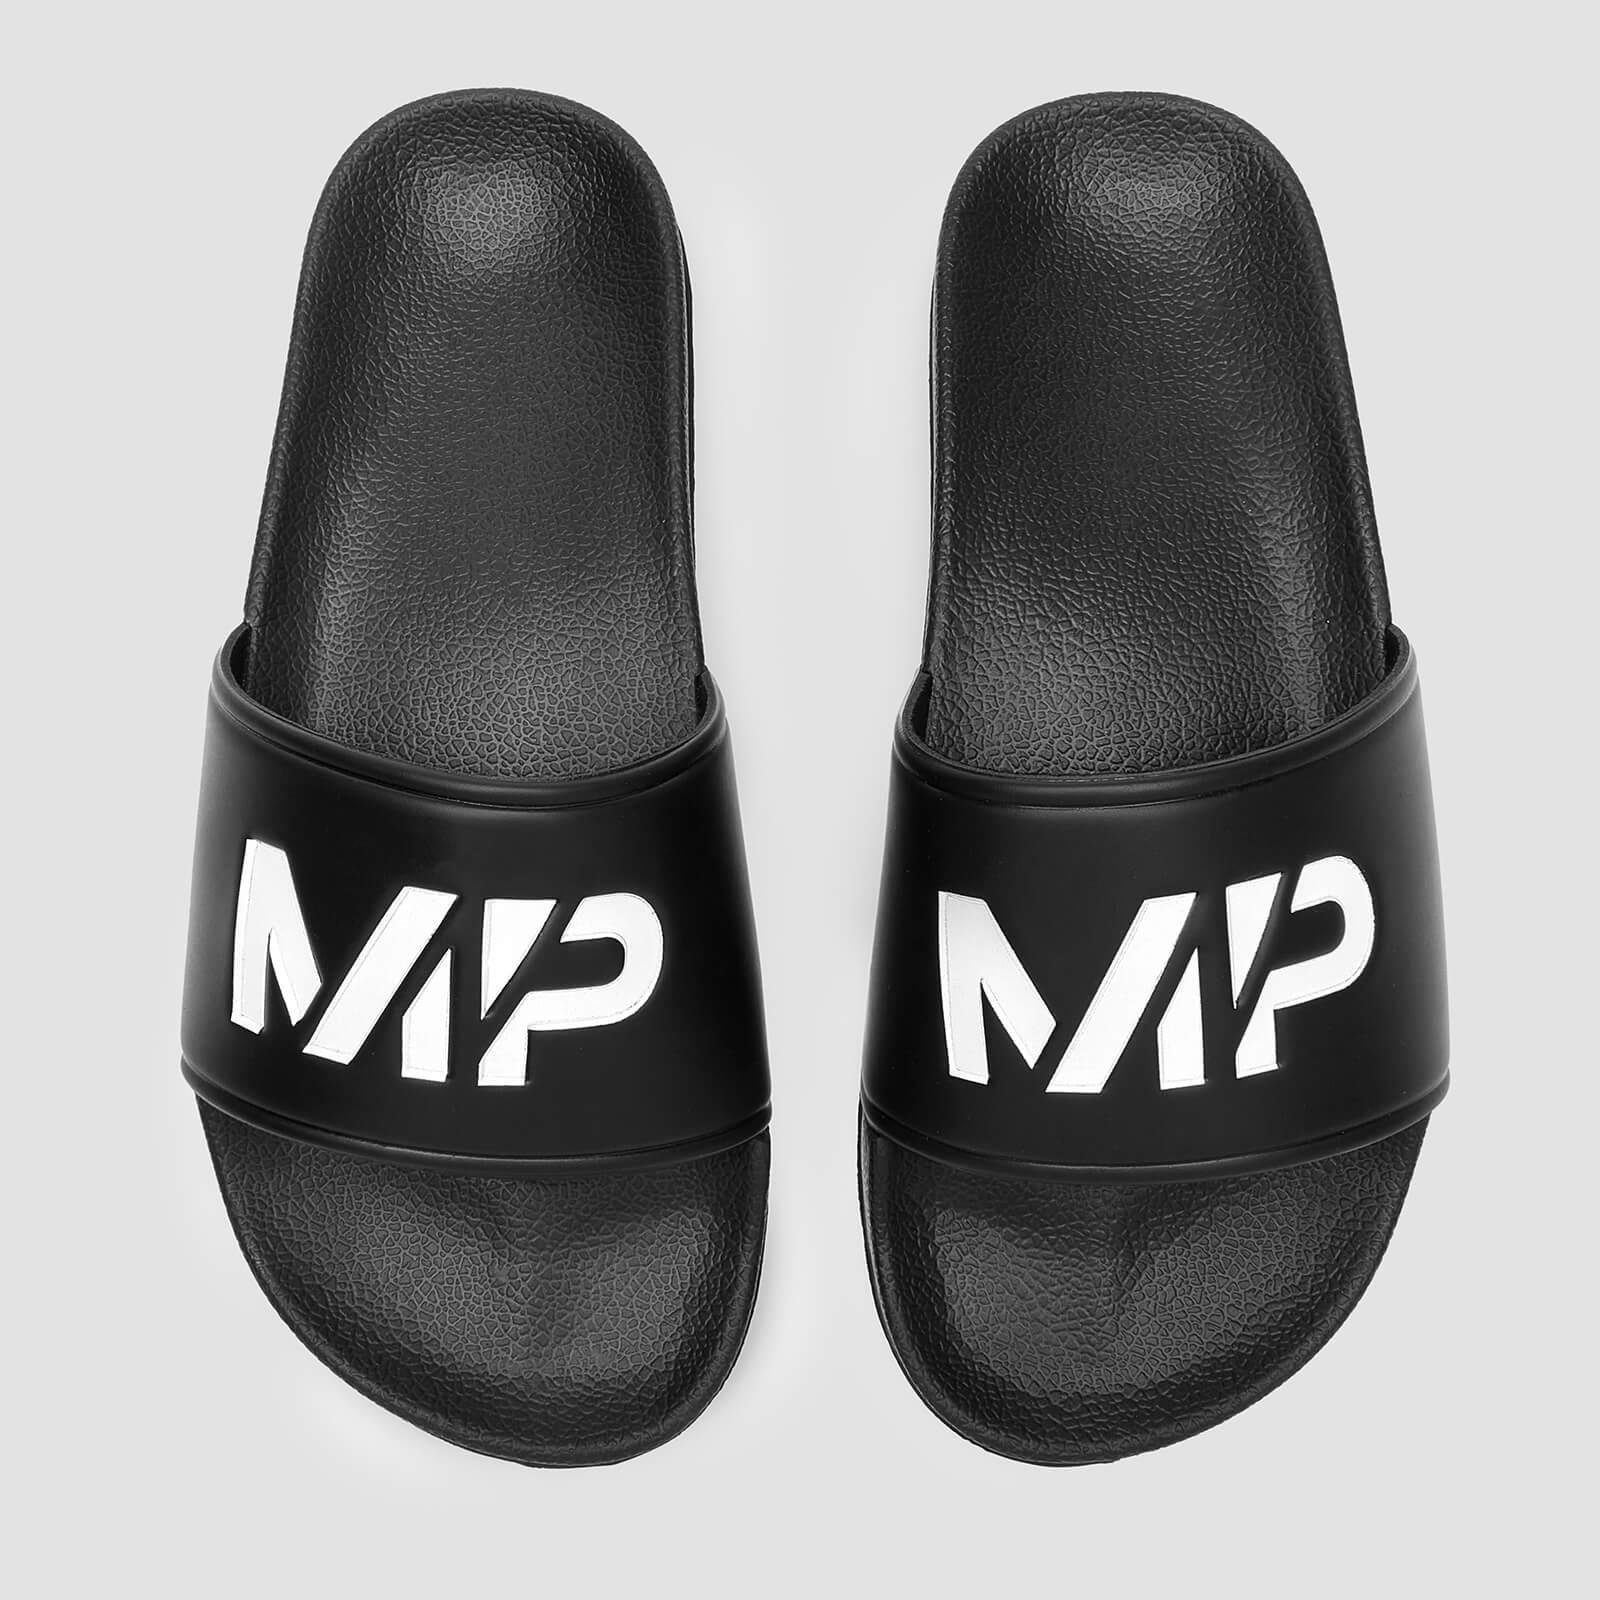 MP Men's Sliders - Black/White - UK 7